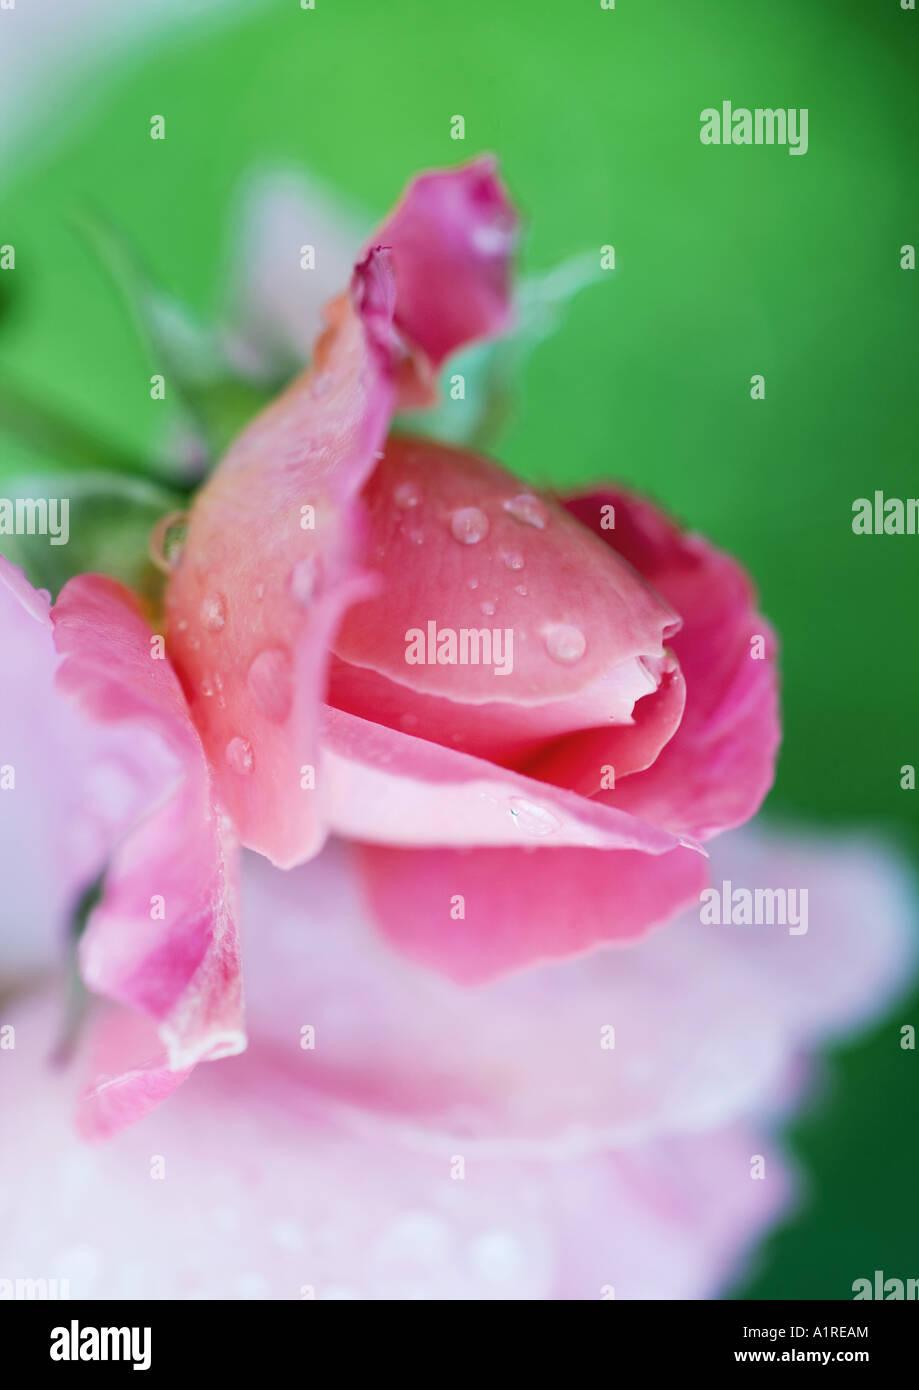 Wet rosebud - Stock Image